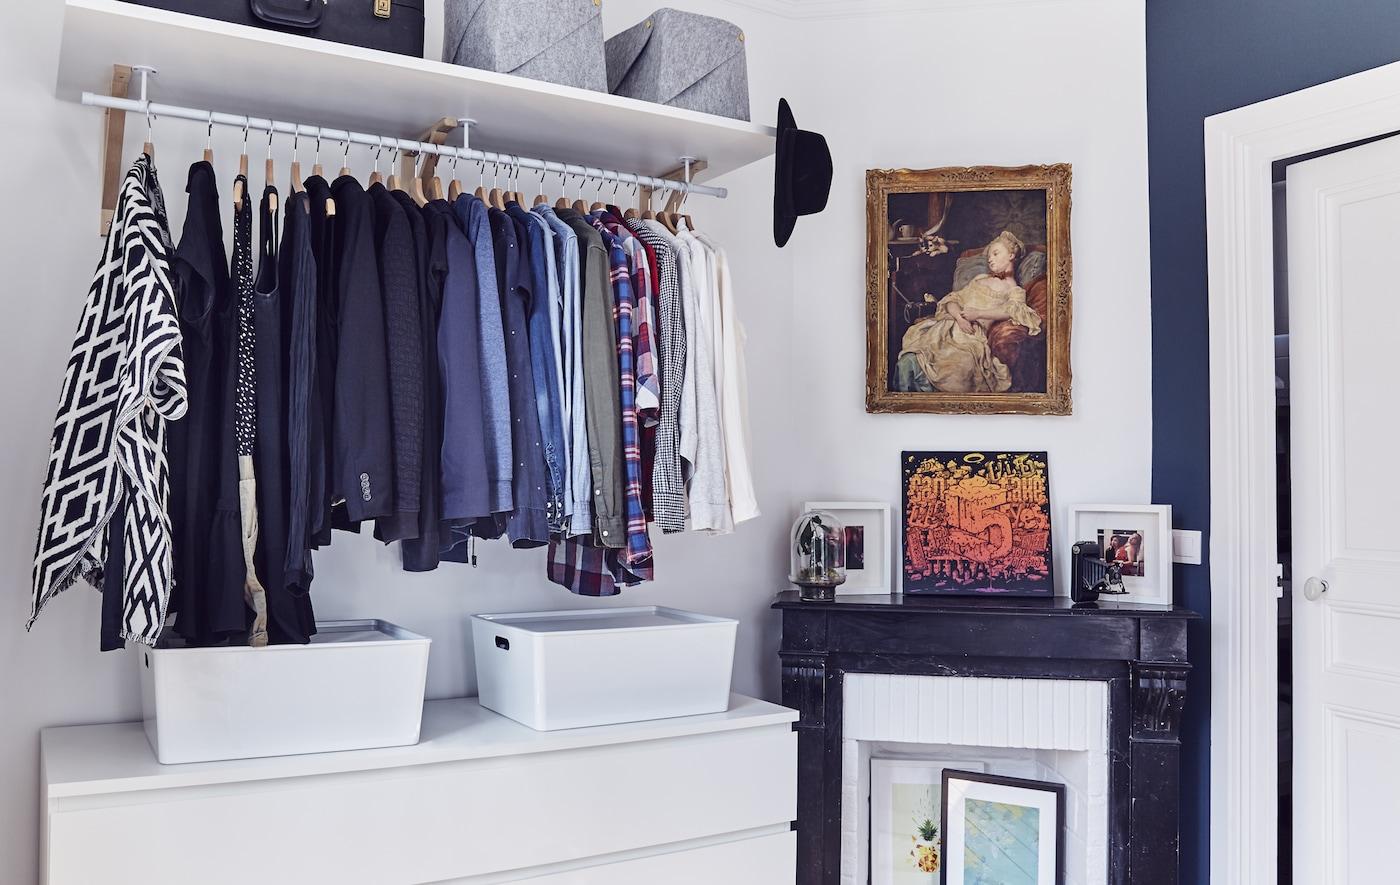 عرض دولاب ملابس مفتوحة في غرفة نوم.